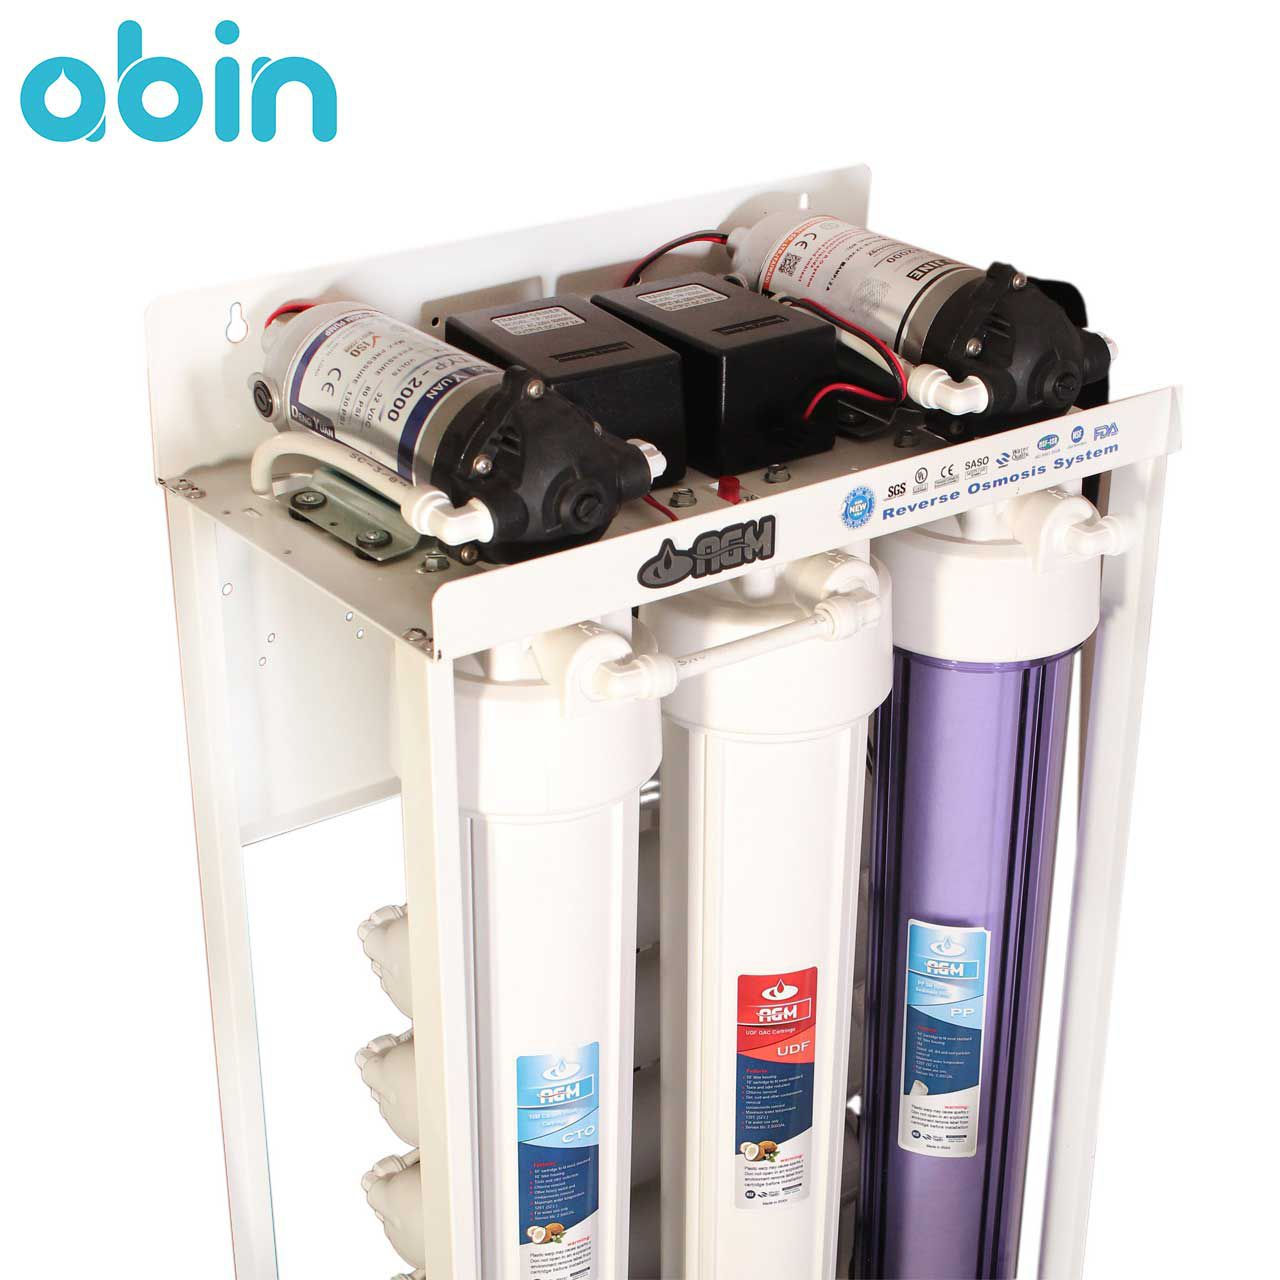 دستگاه تصفیه آب نیمه صنعتی اسمز معکوس 400 گالنی ای جی ام (AGM)